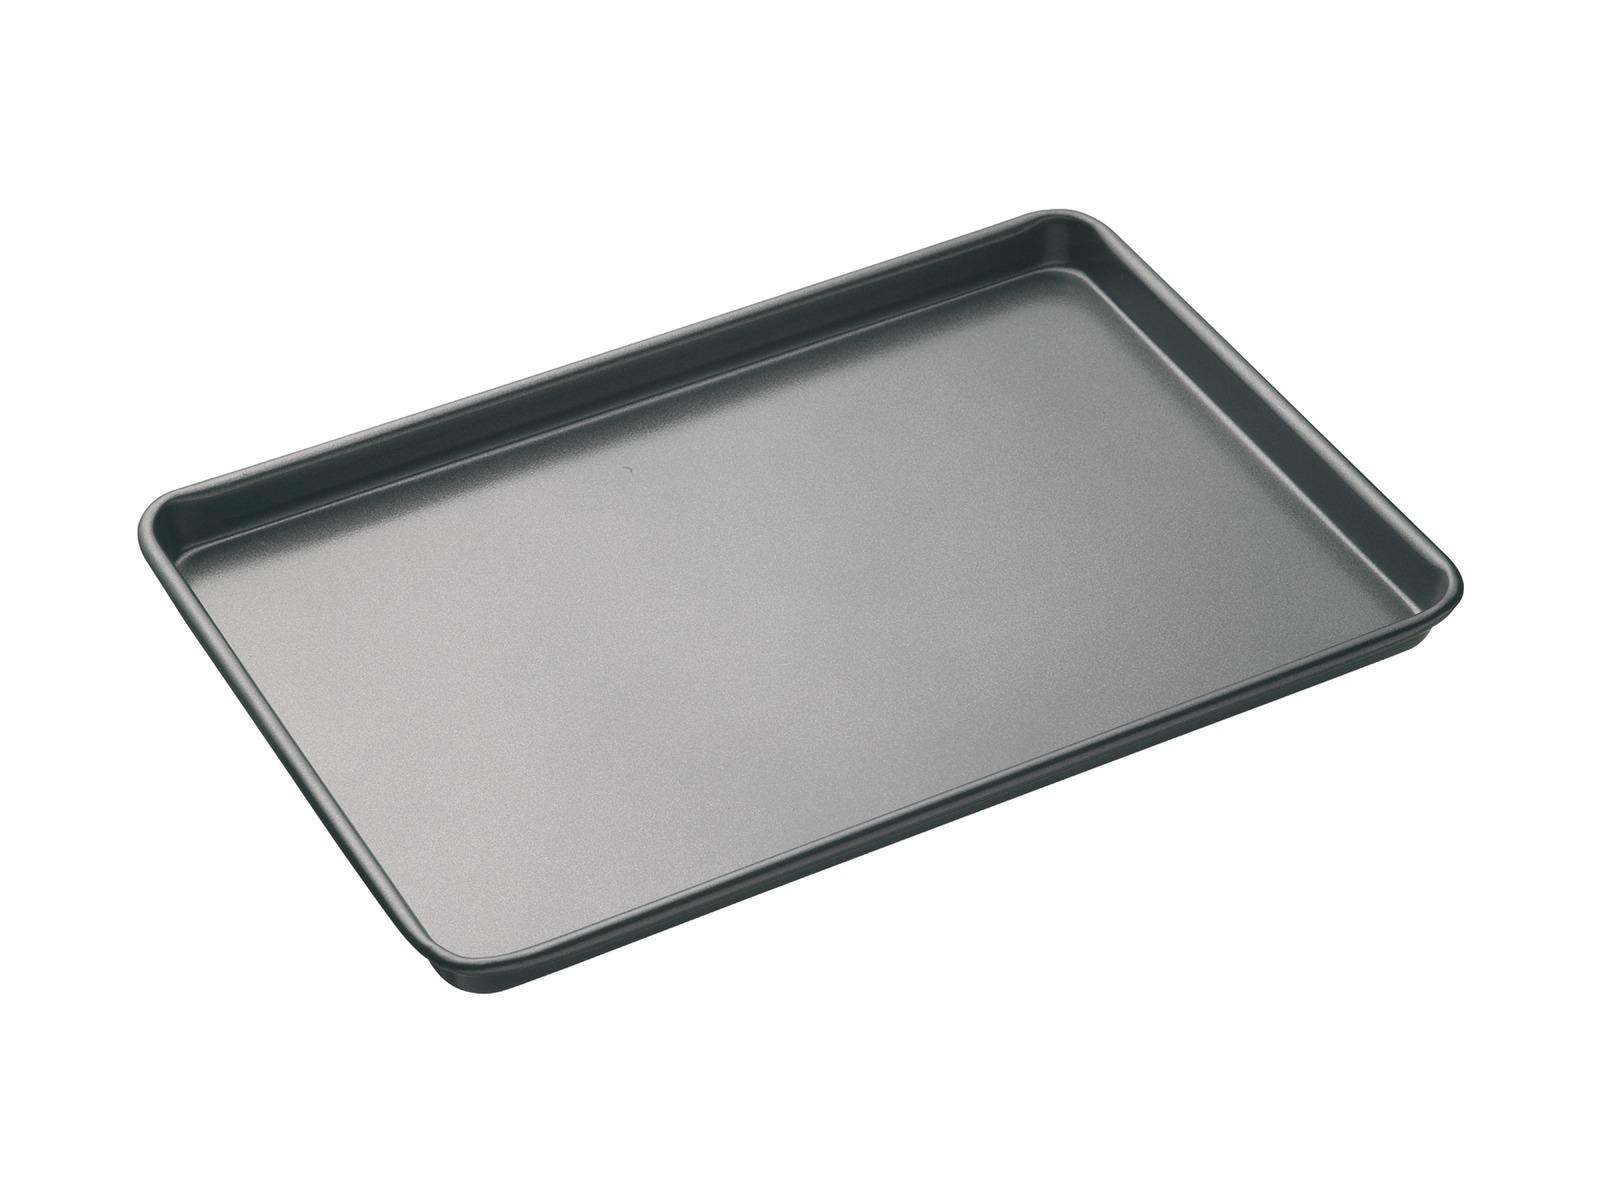 MasterClass: Non-Stick Oven Tray (39x27cm) image